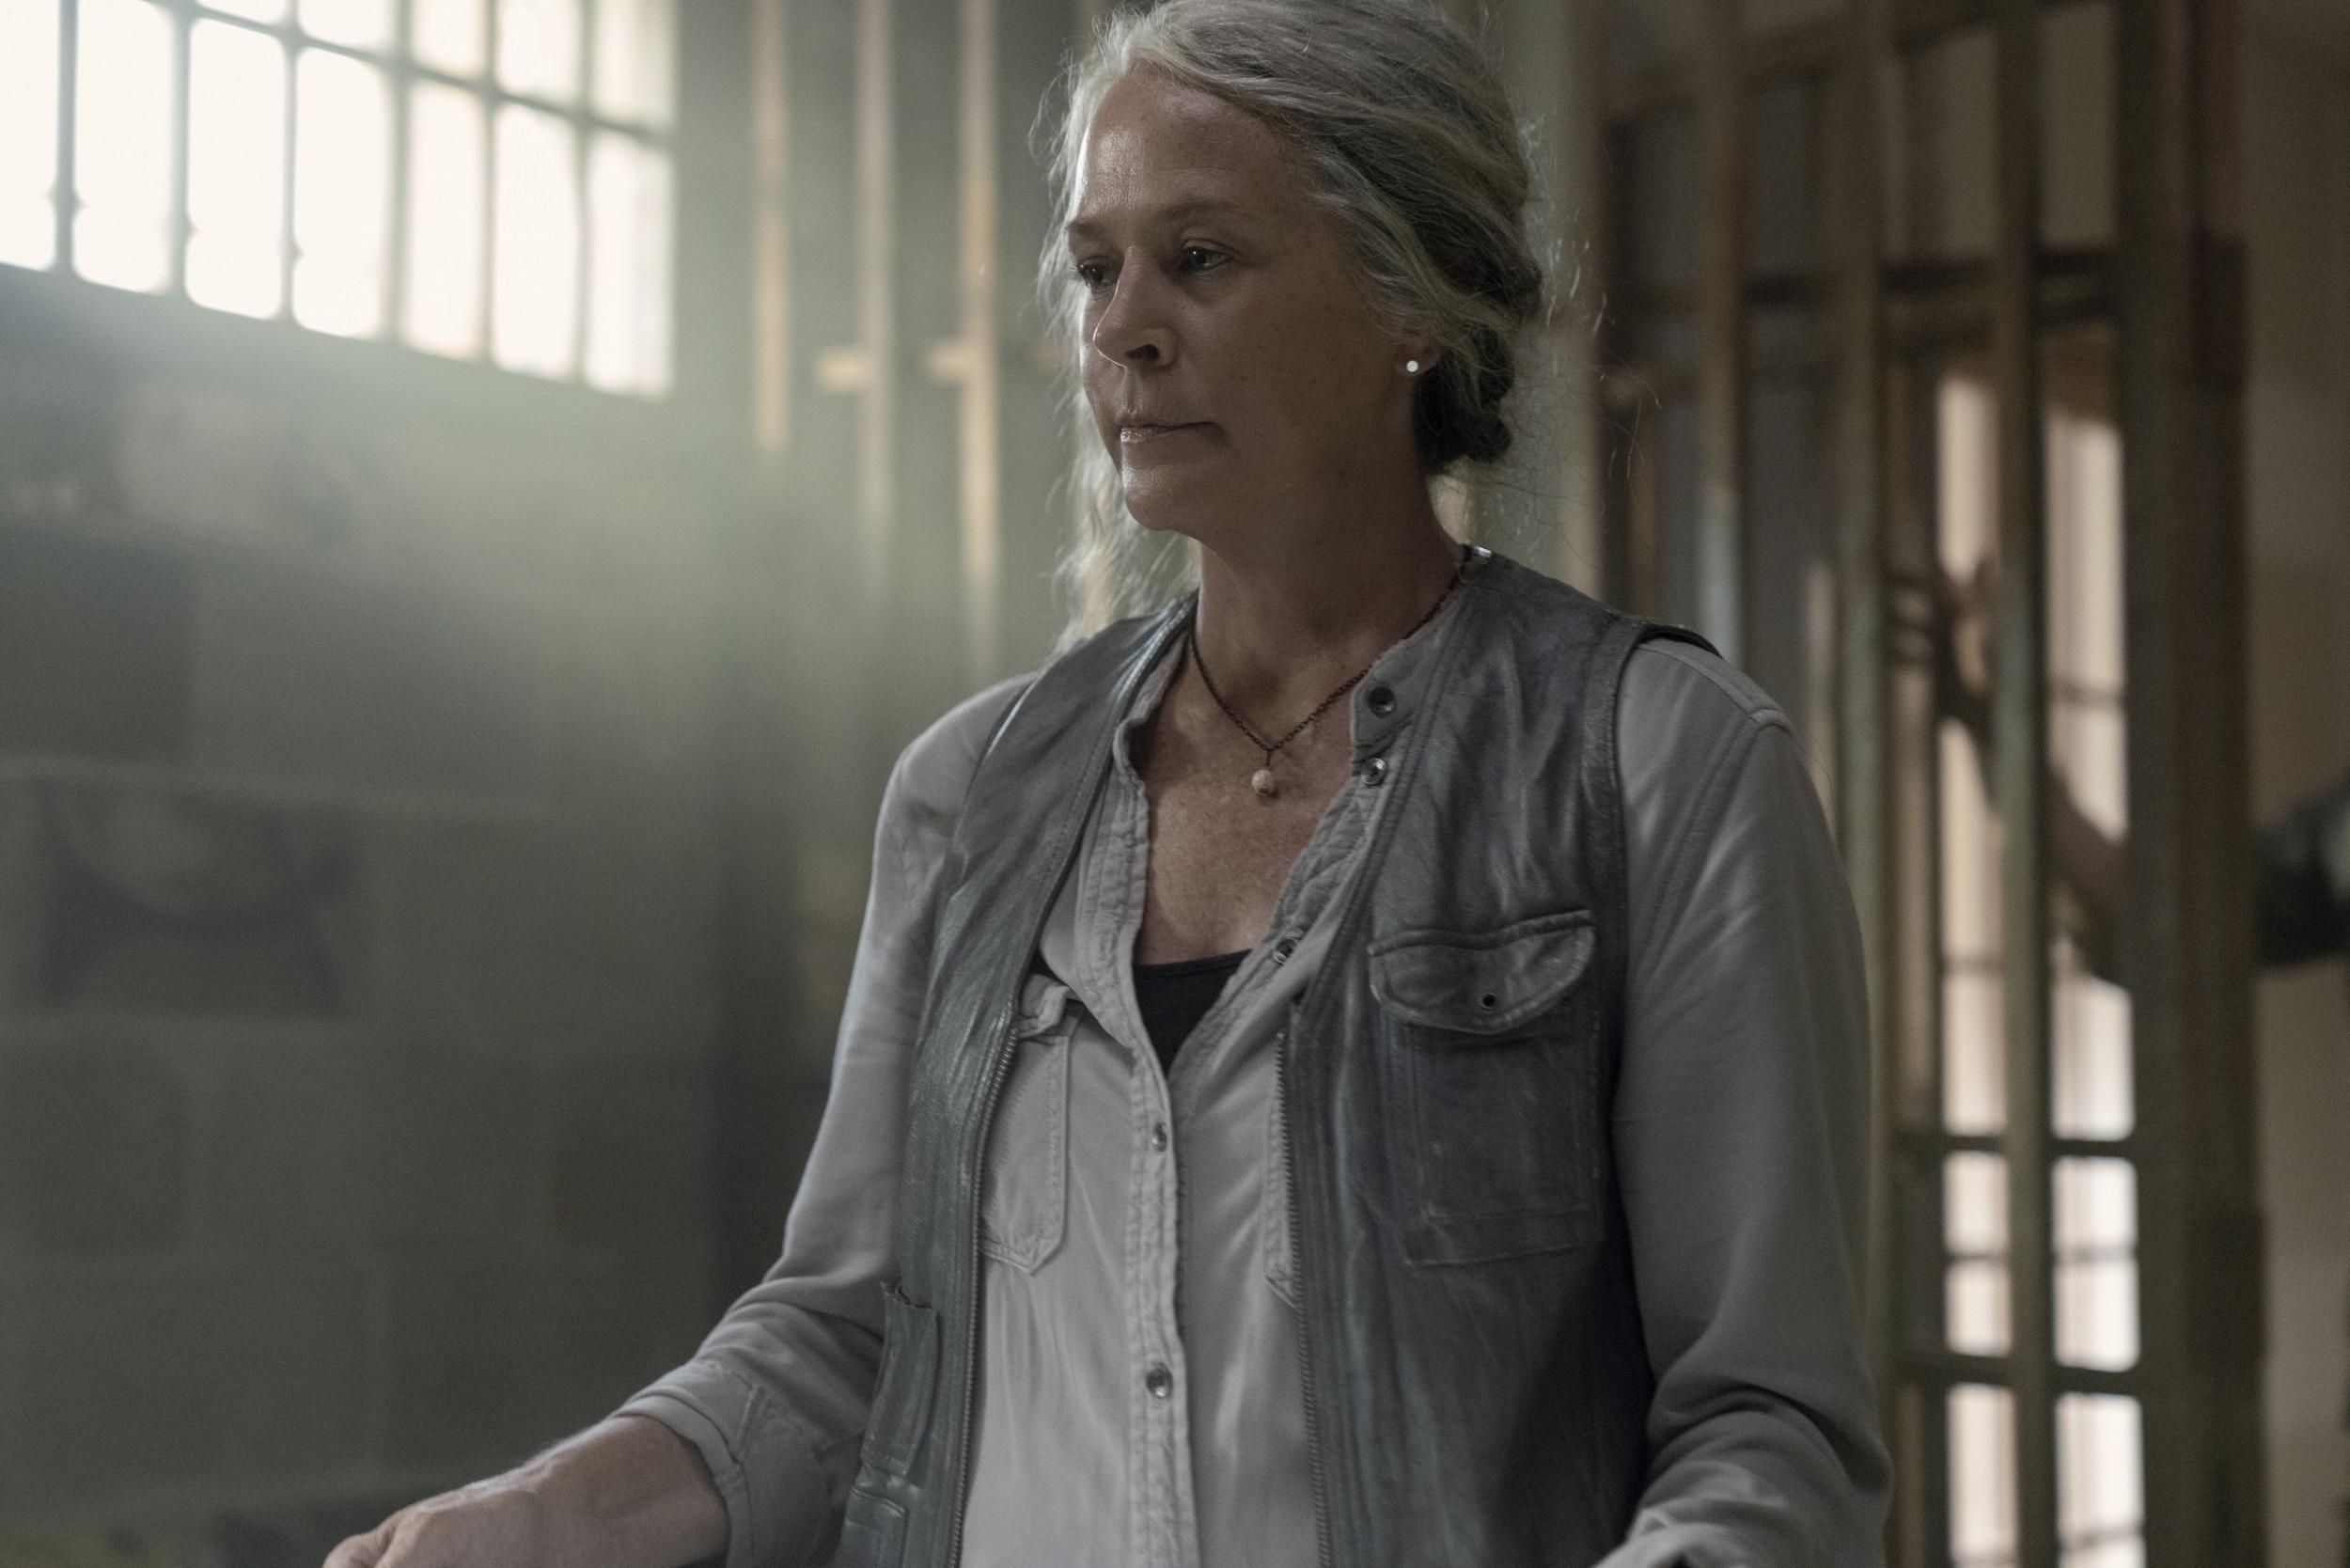 'The Walking Dead' Season 10 Episode 7 Spoilers: Huge Death & a Big Twist? - Newsweek